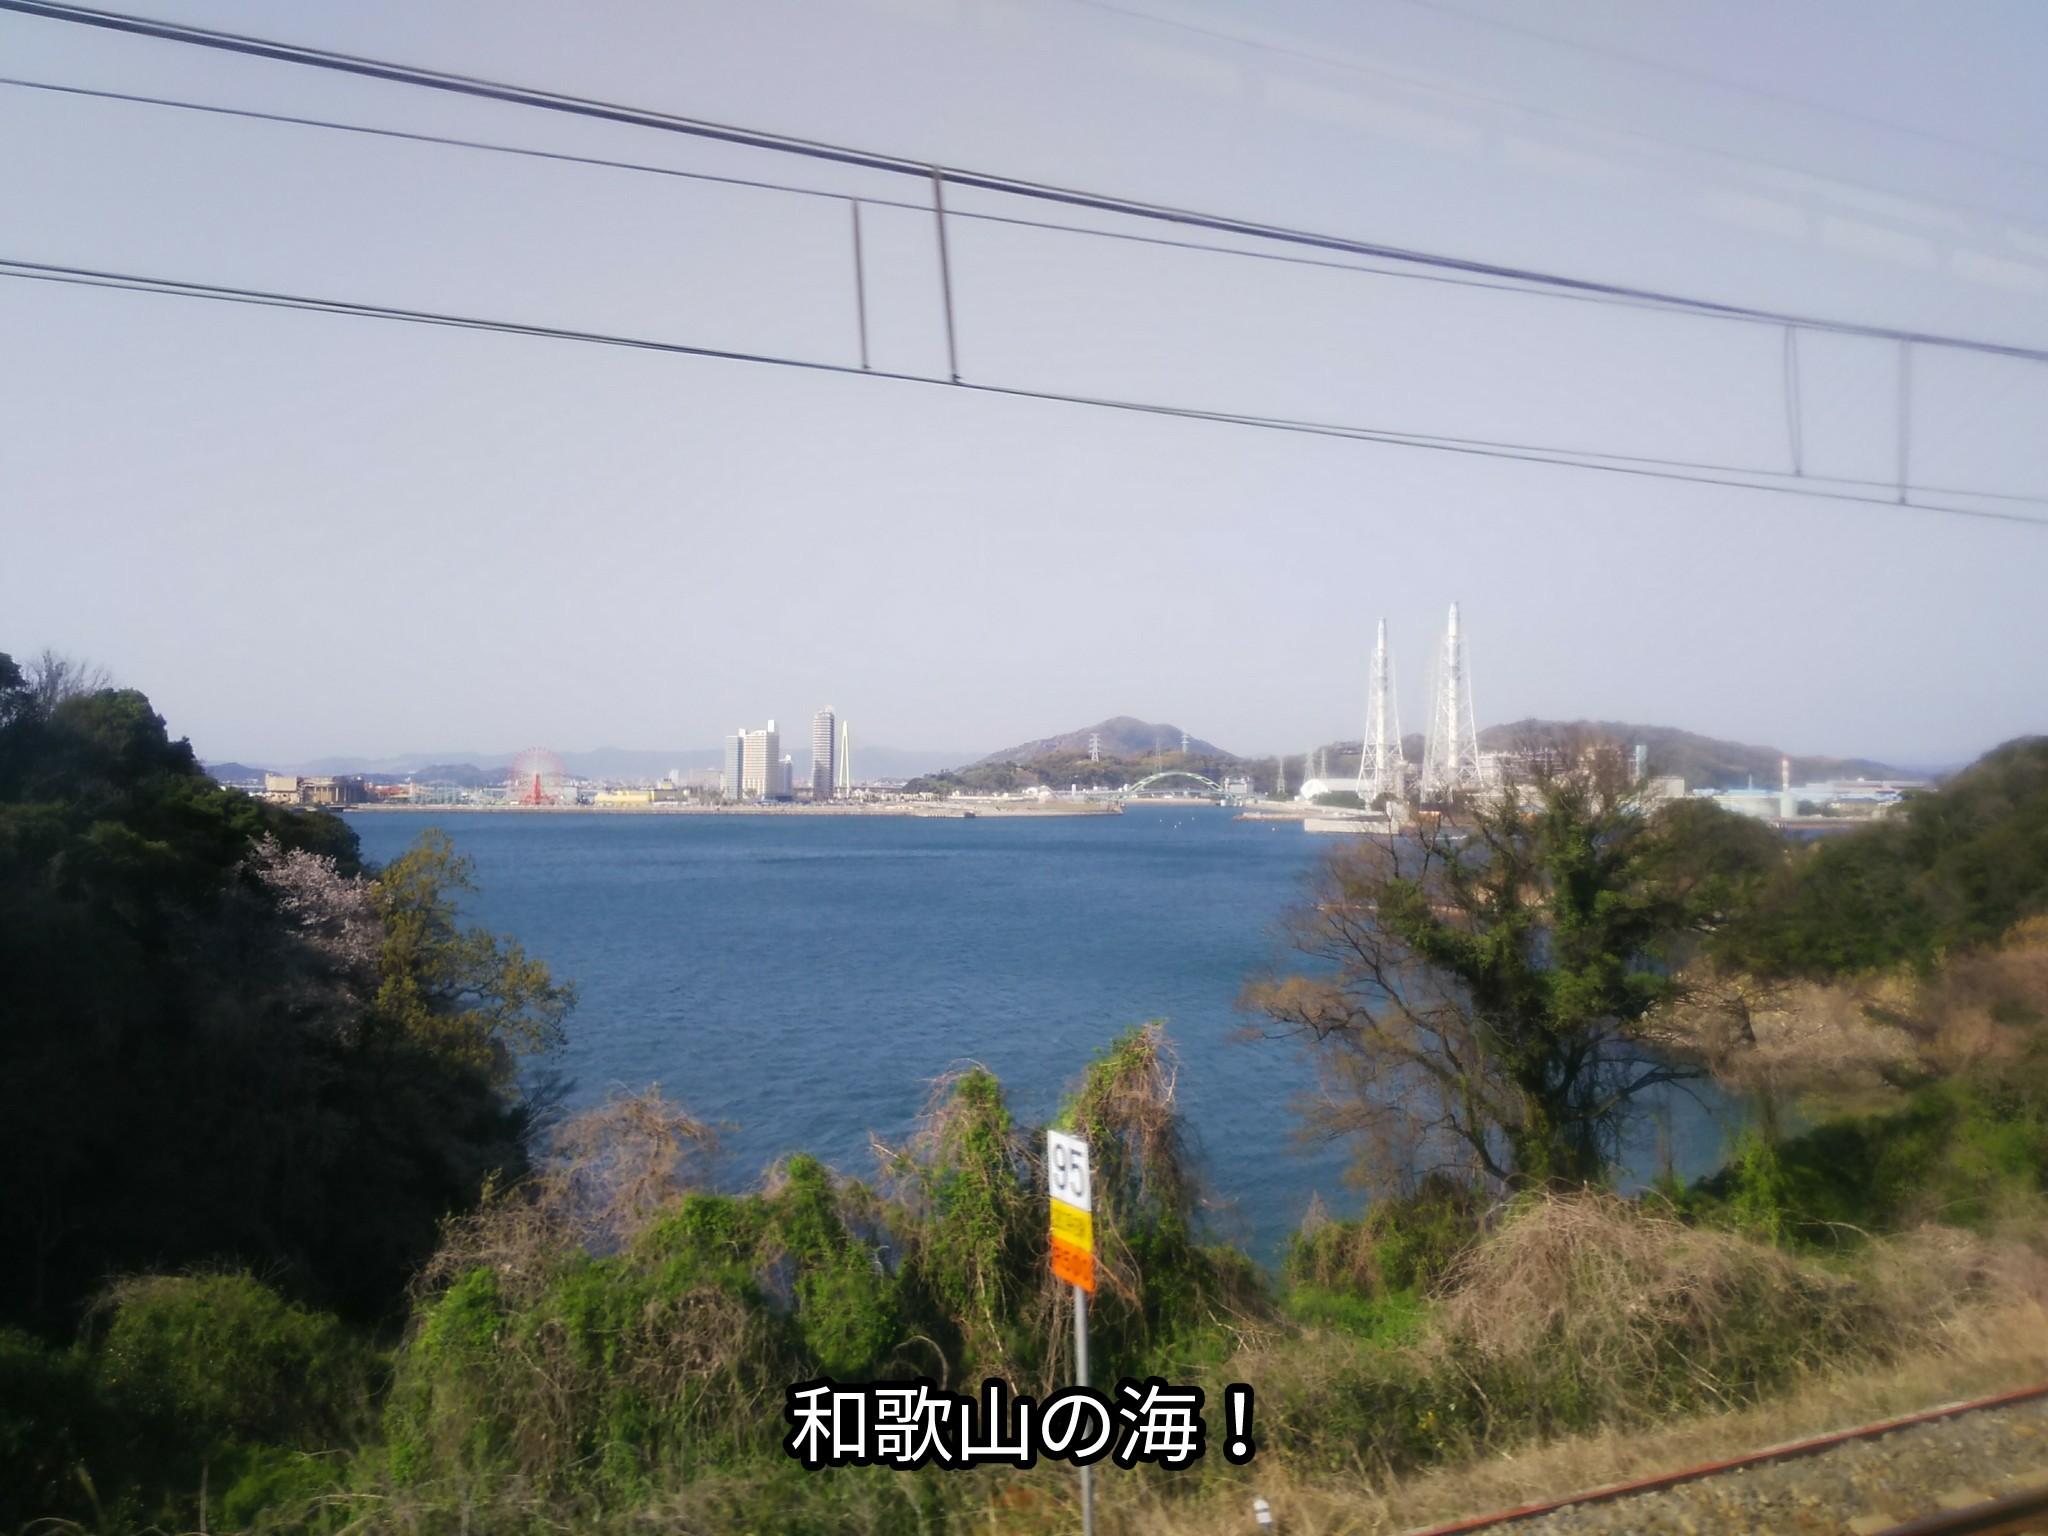 和歌山の海!